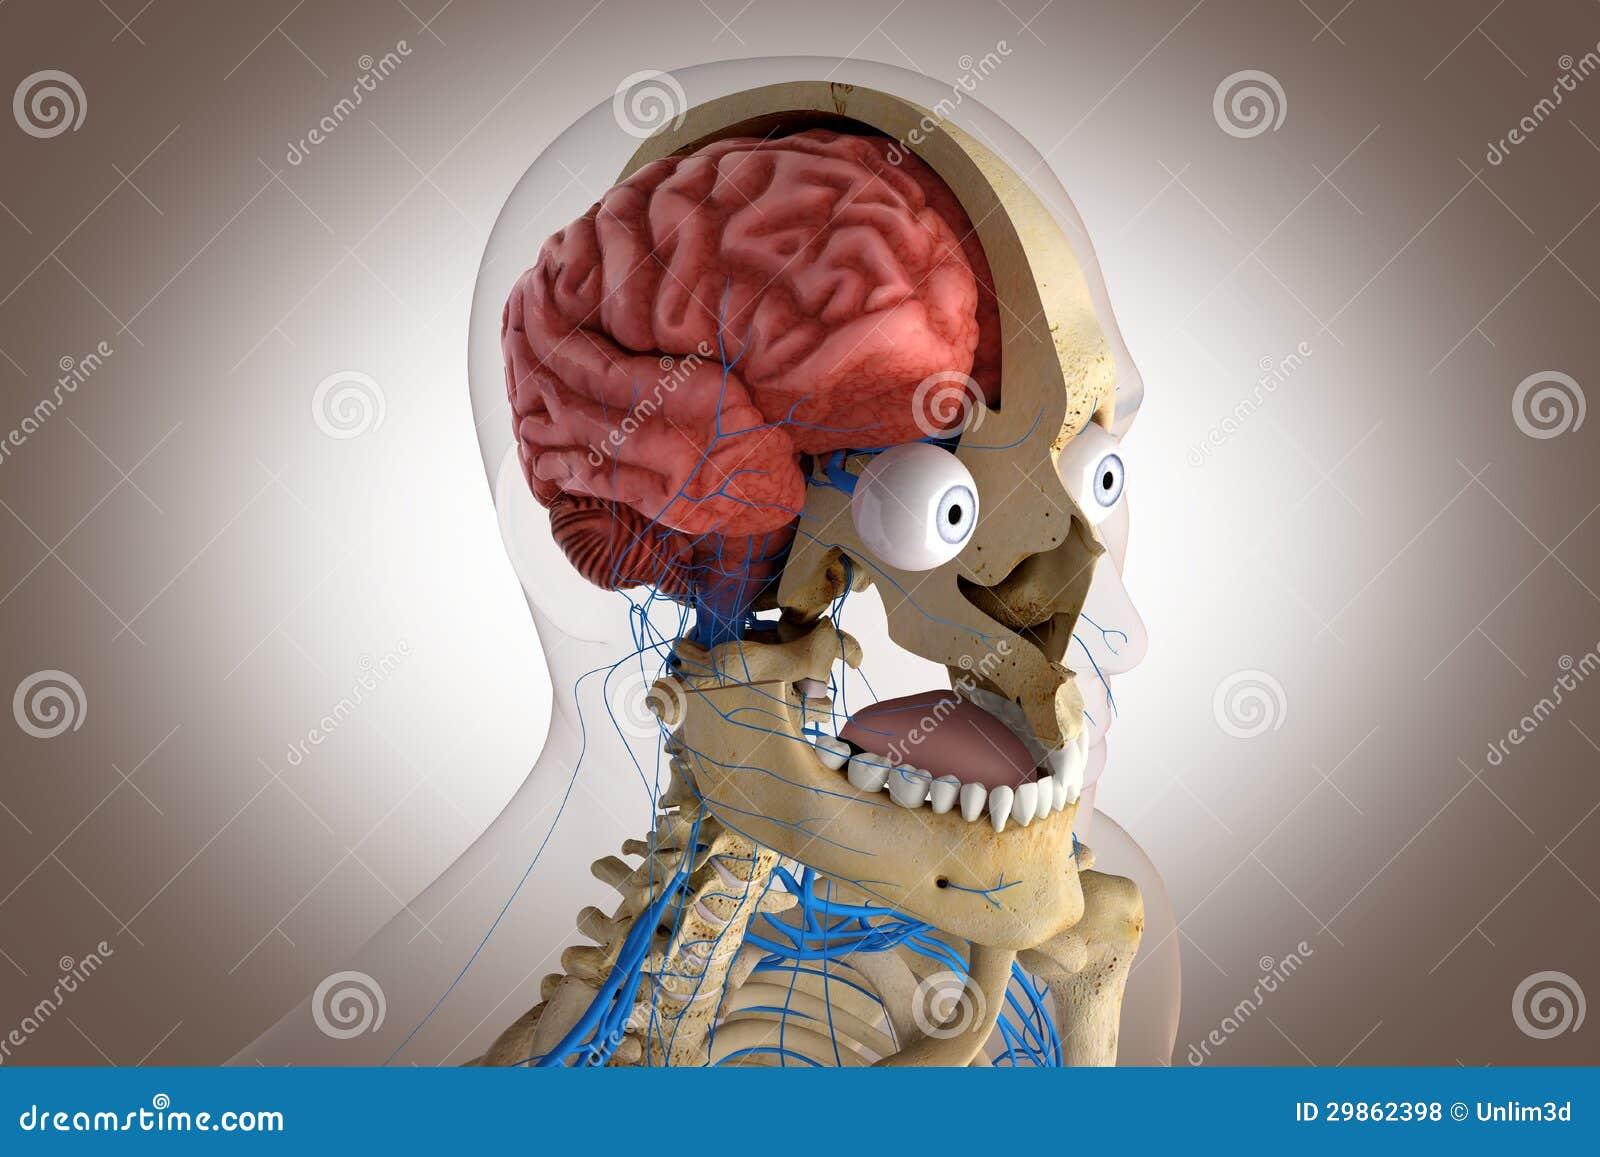 Menschliche Anatomie - Struktur Des Hauptgehirns, Der Augen Usw ...